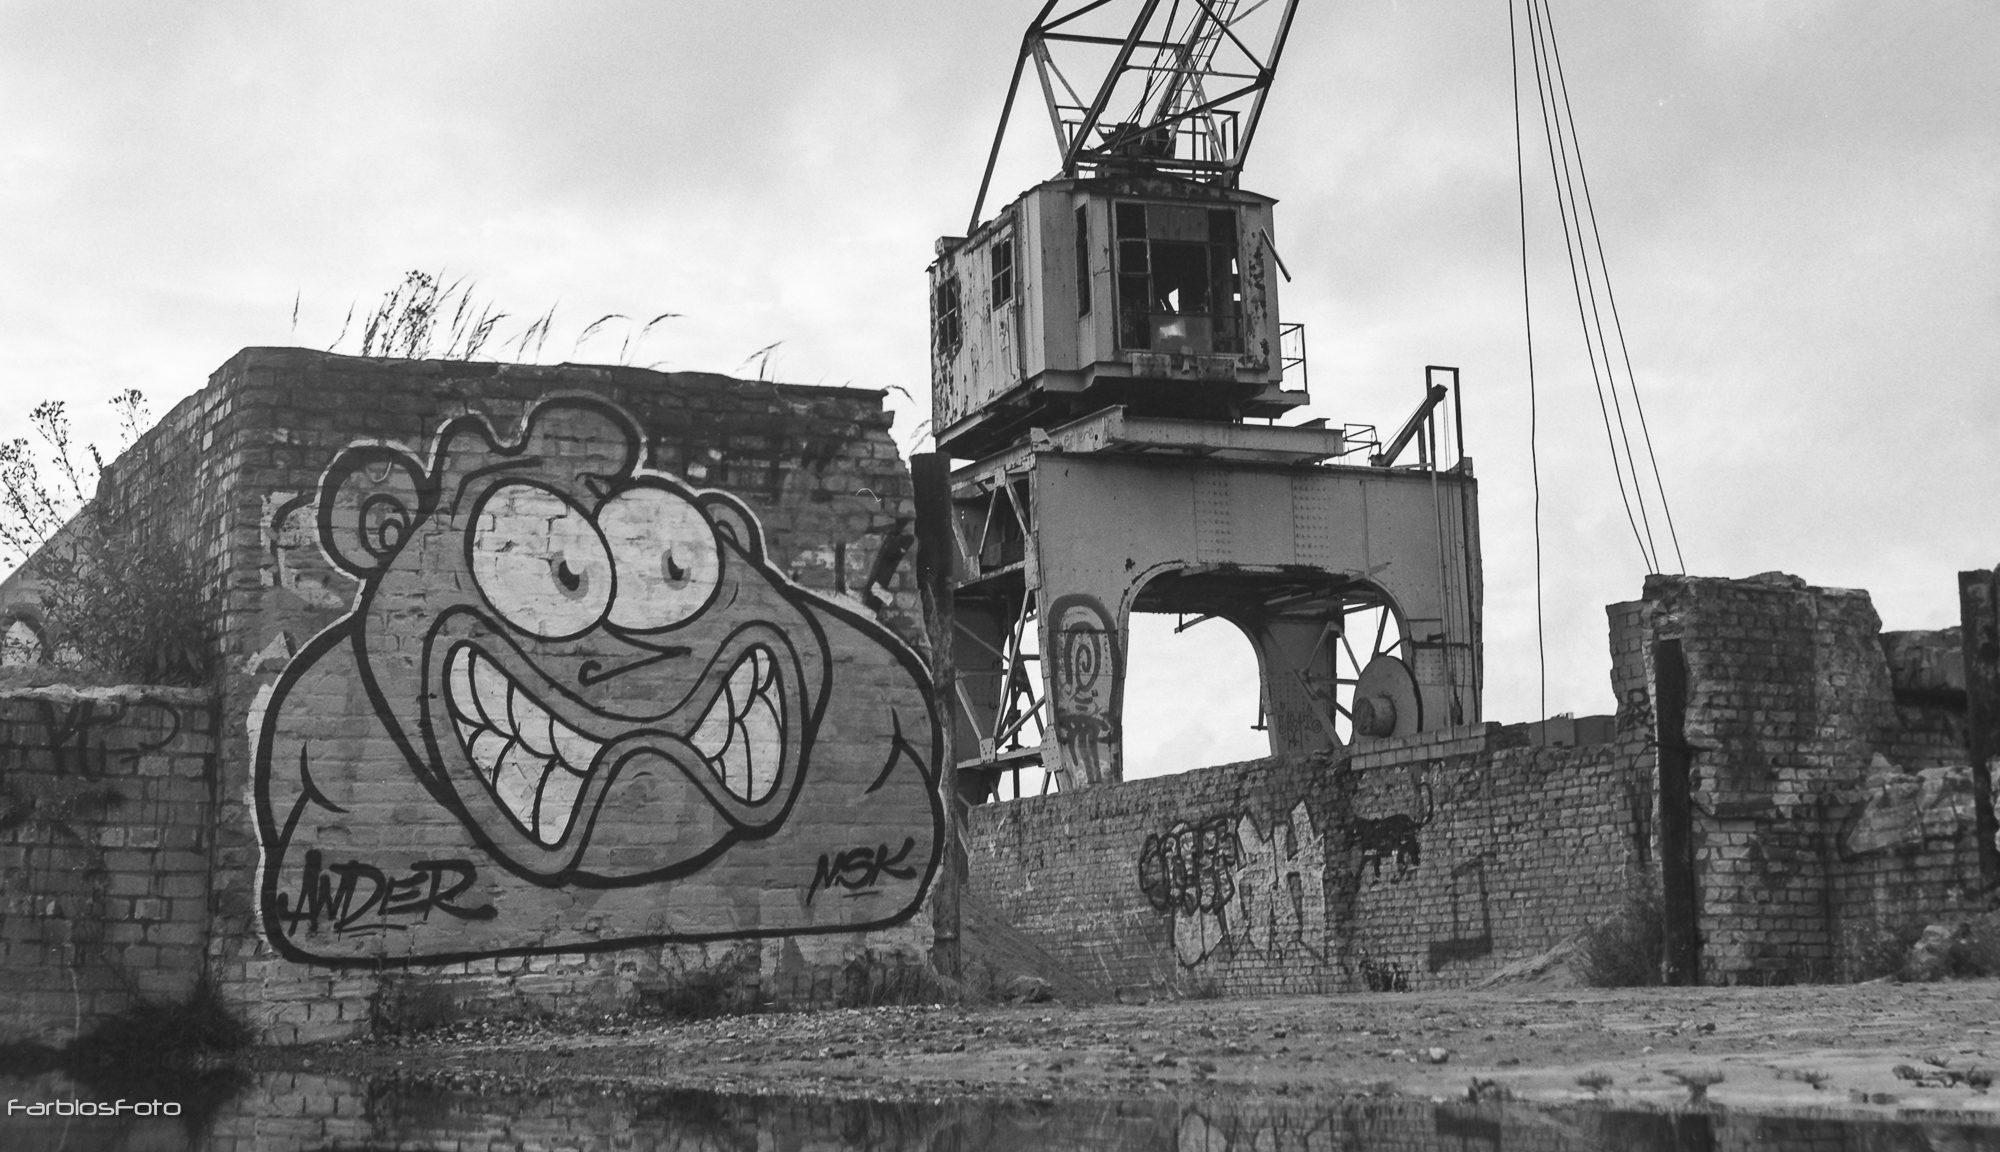 Hafenkran Billhafen analogfotografie